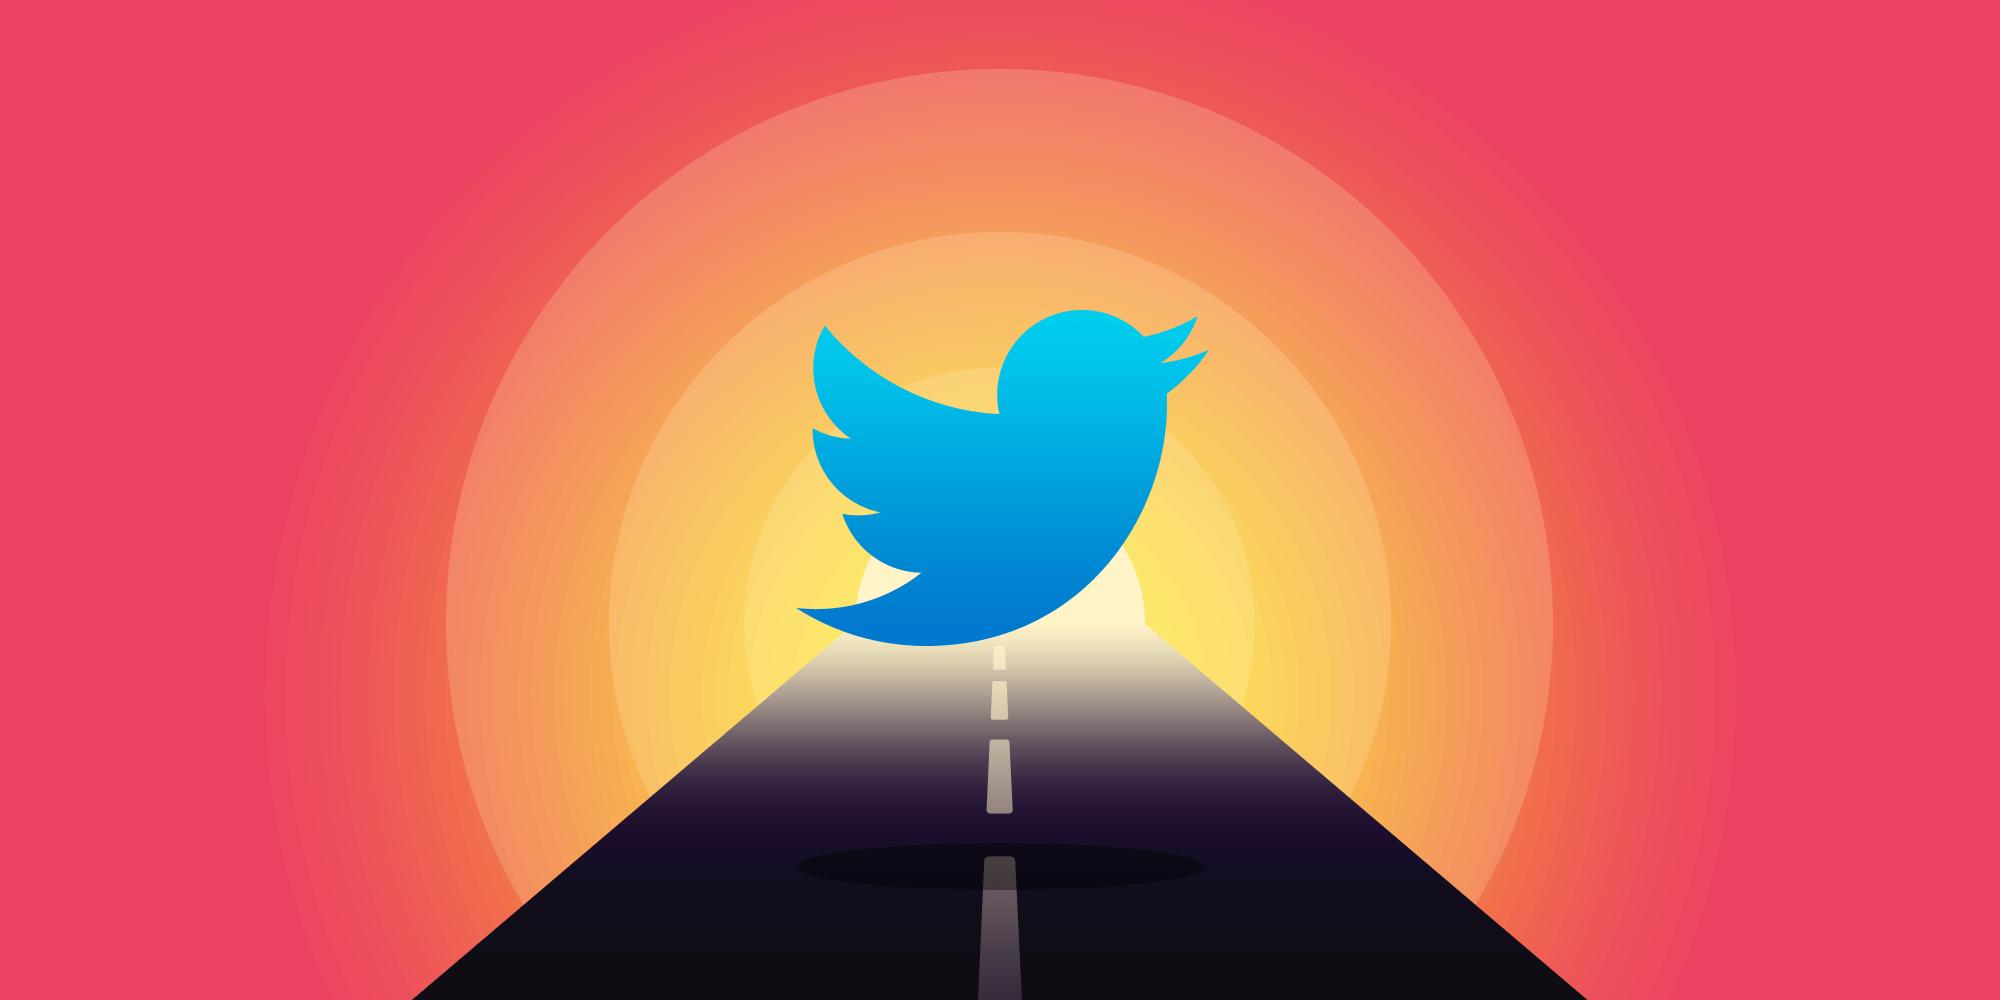 2017-06-12_twitter-public-roadmap_r01